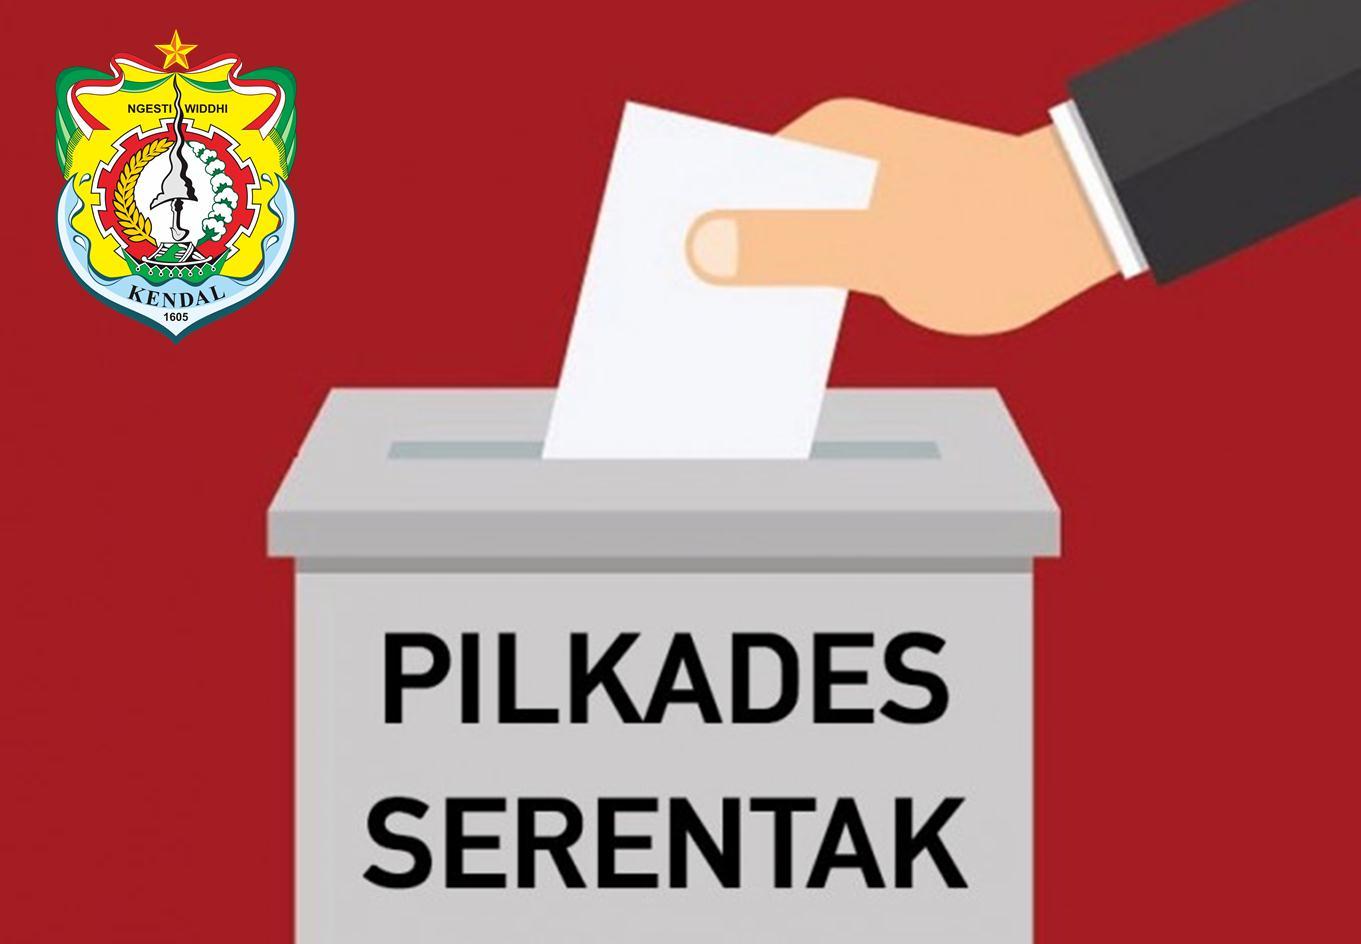 Langkah Mensukseskan Pilkades Serentak 2020 Kabupaten Kendal